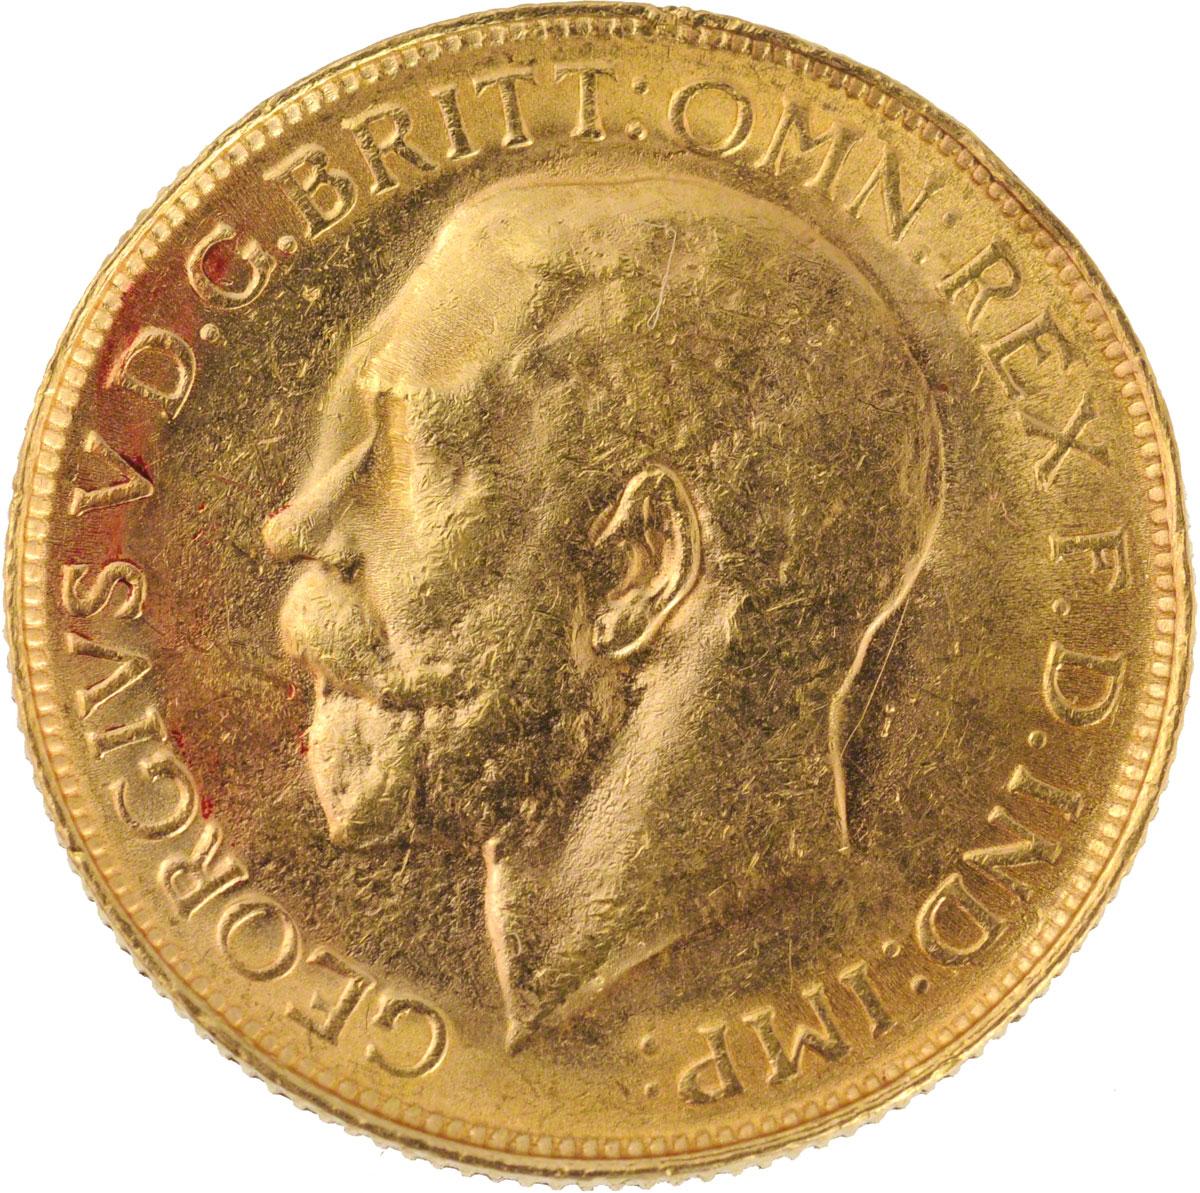 1913 Γεώργιος Ε' (Νομισματοκοπείο Σίδνεϊ)